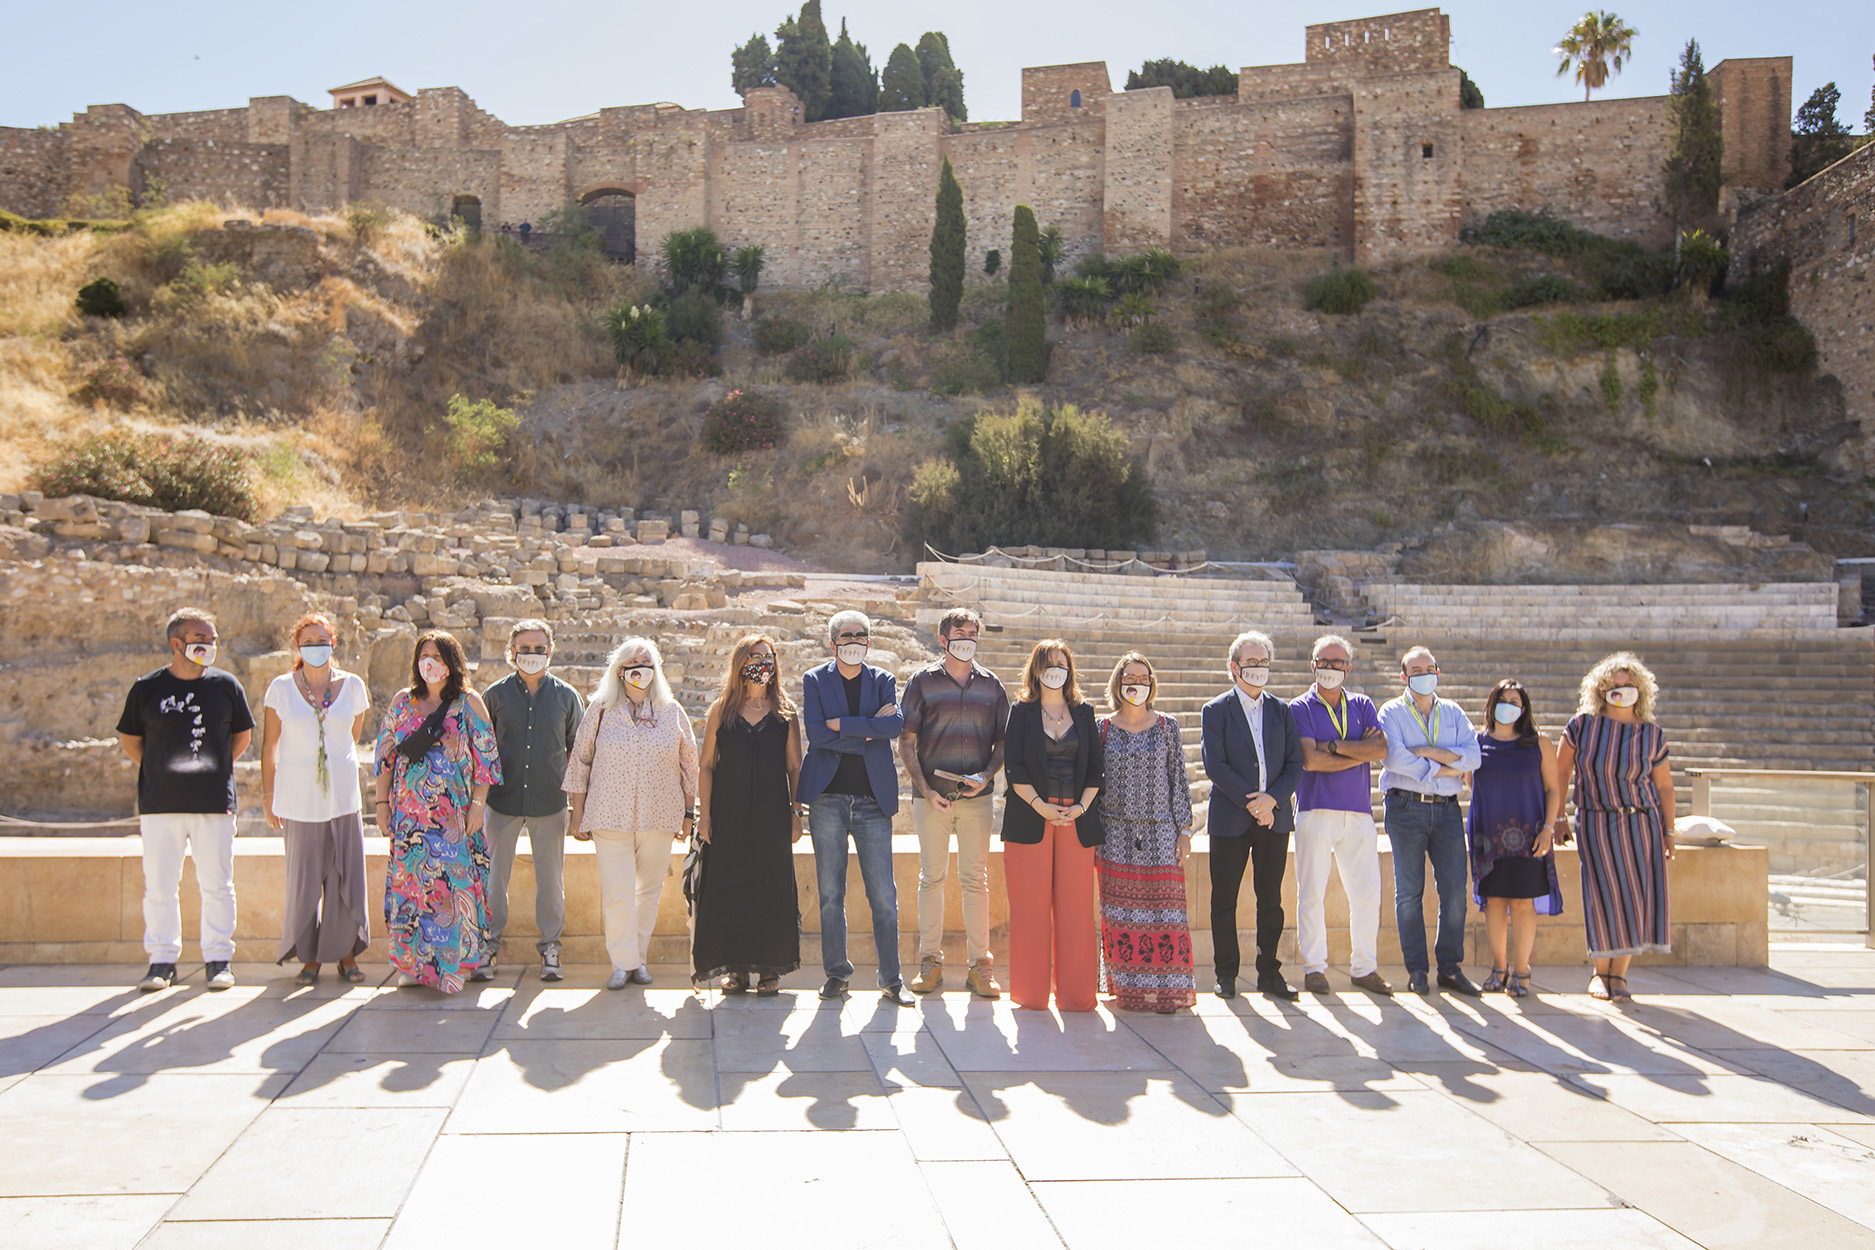 La Academia de Cine de Andalucía se presenta en el Festival de Málaga